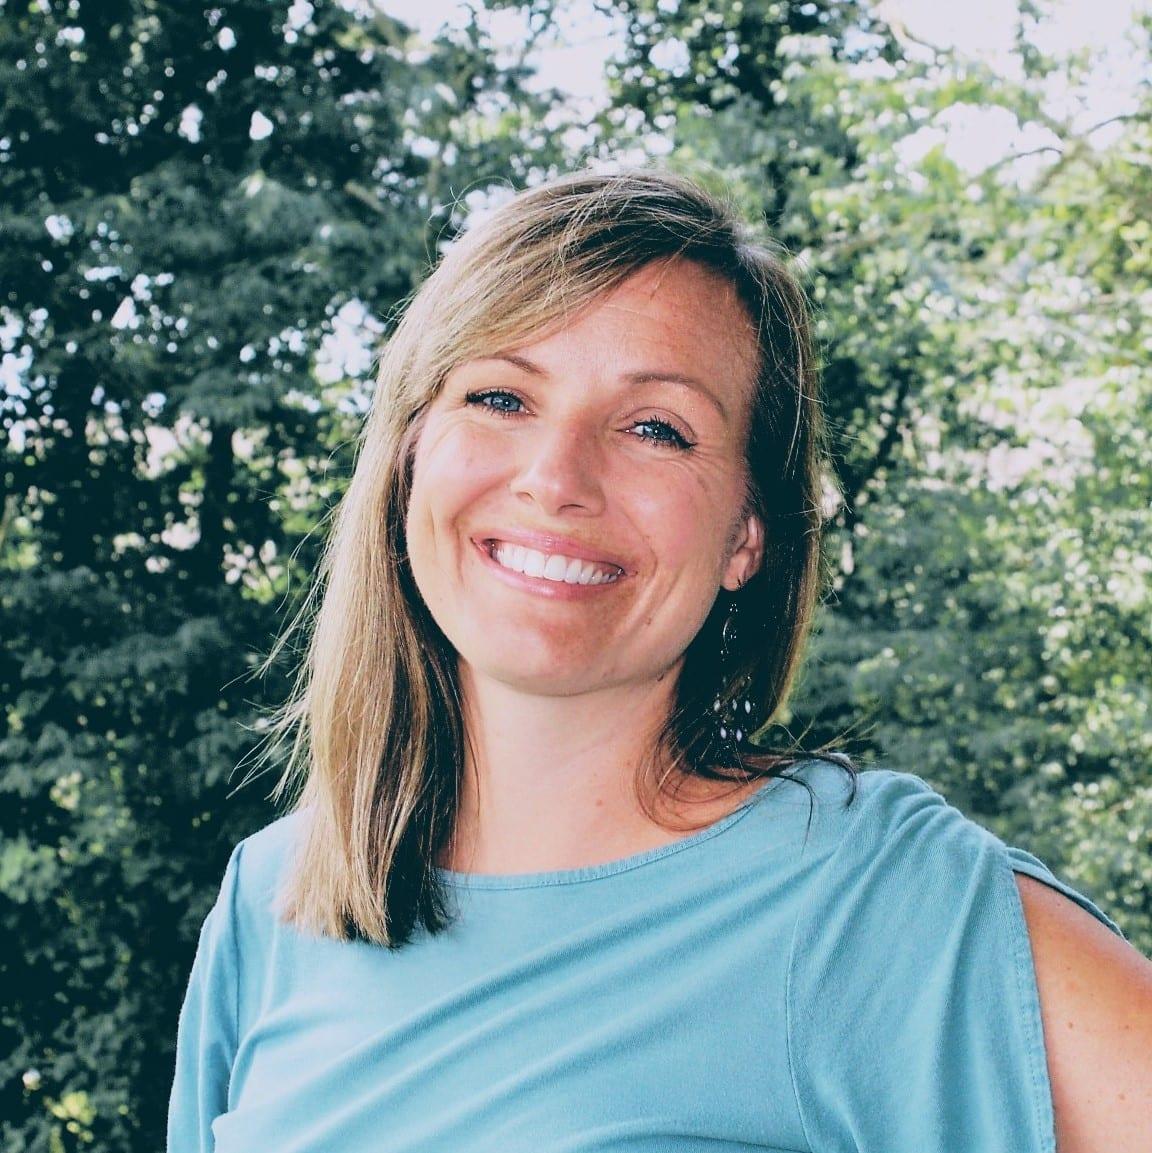 Ashley Putnam